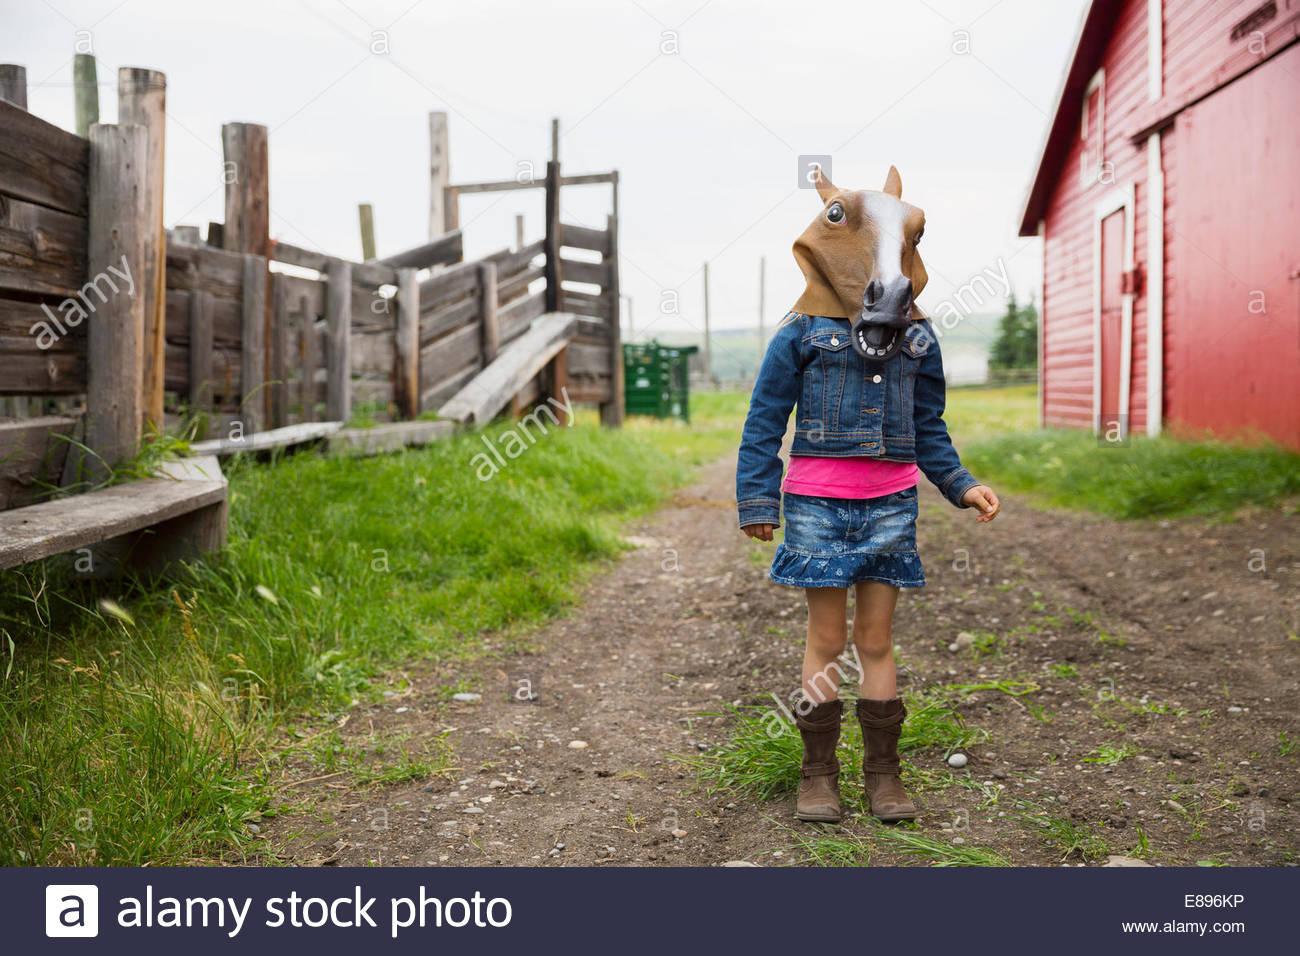 Ragazza che indossa la maschera di cavallo al di fuori di un fienile Immagini Stock